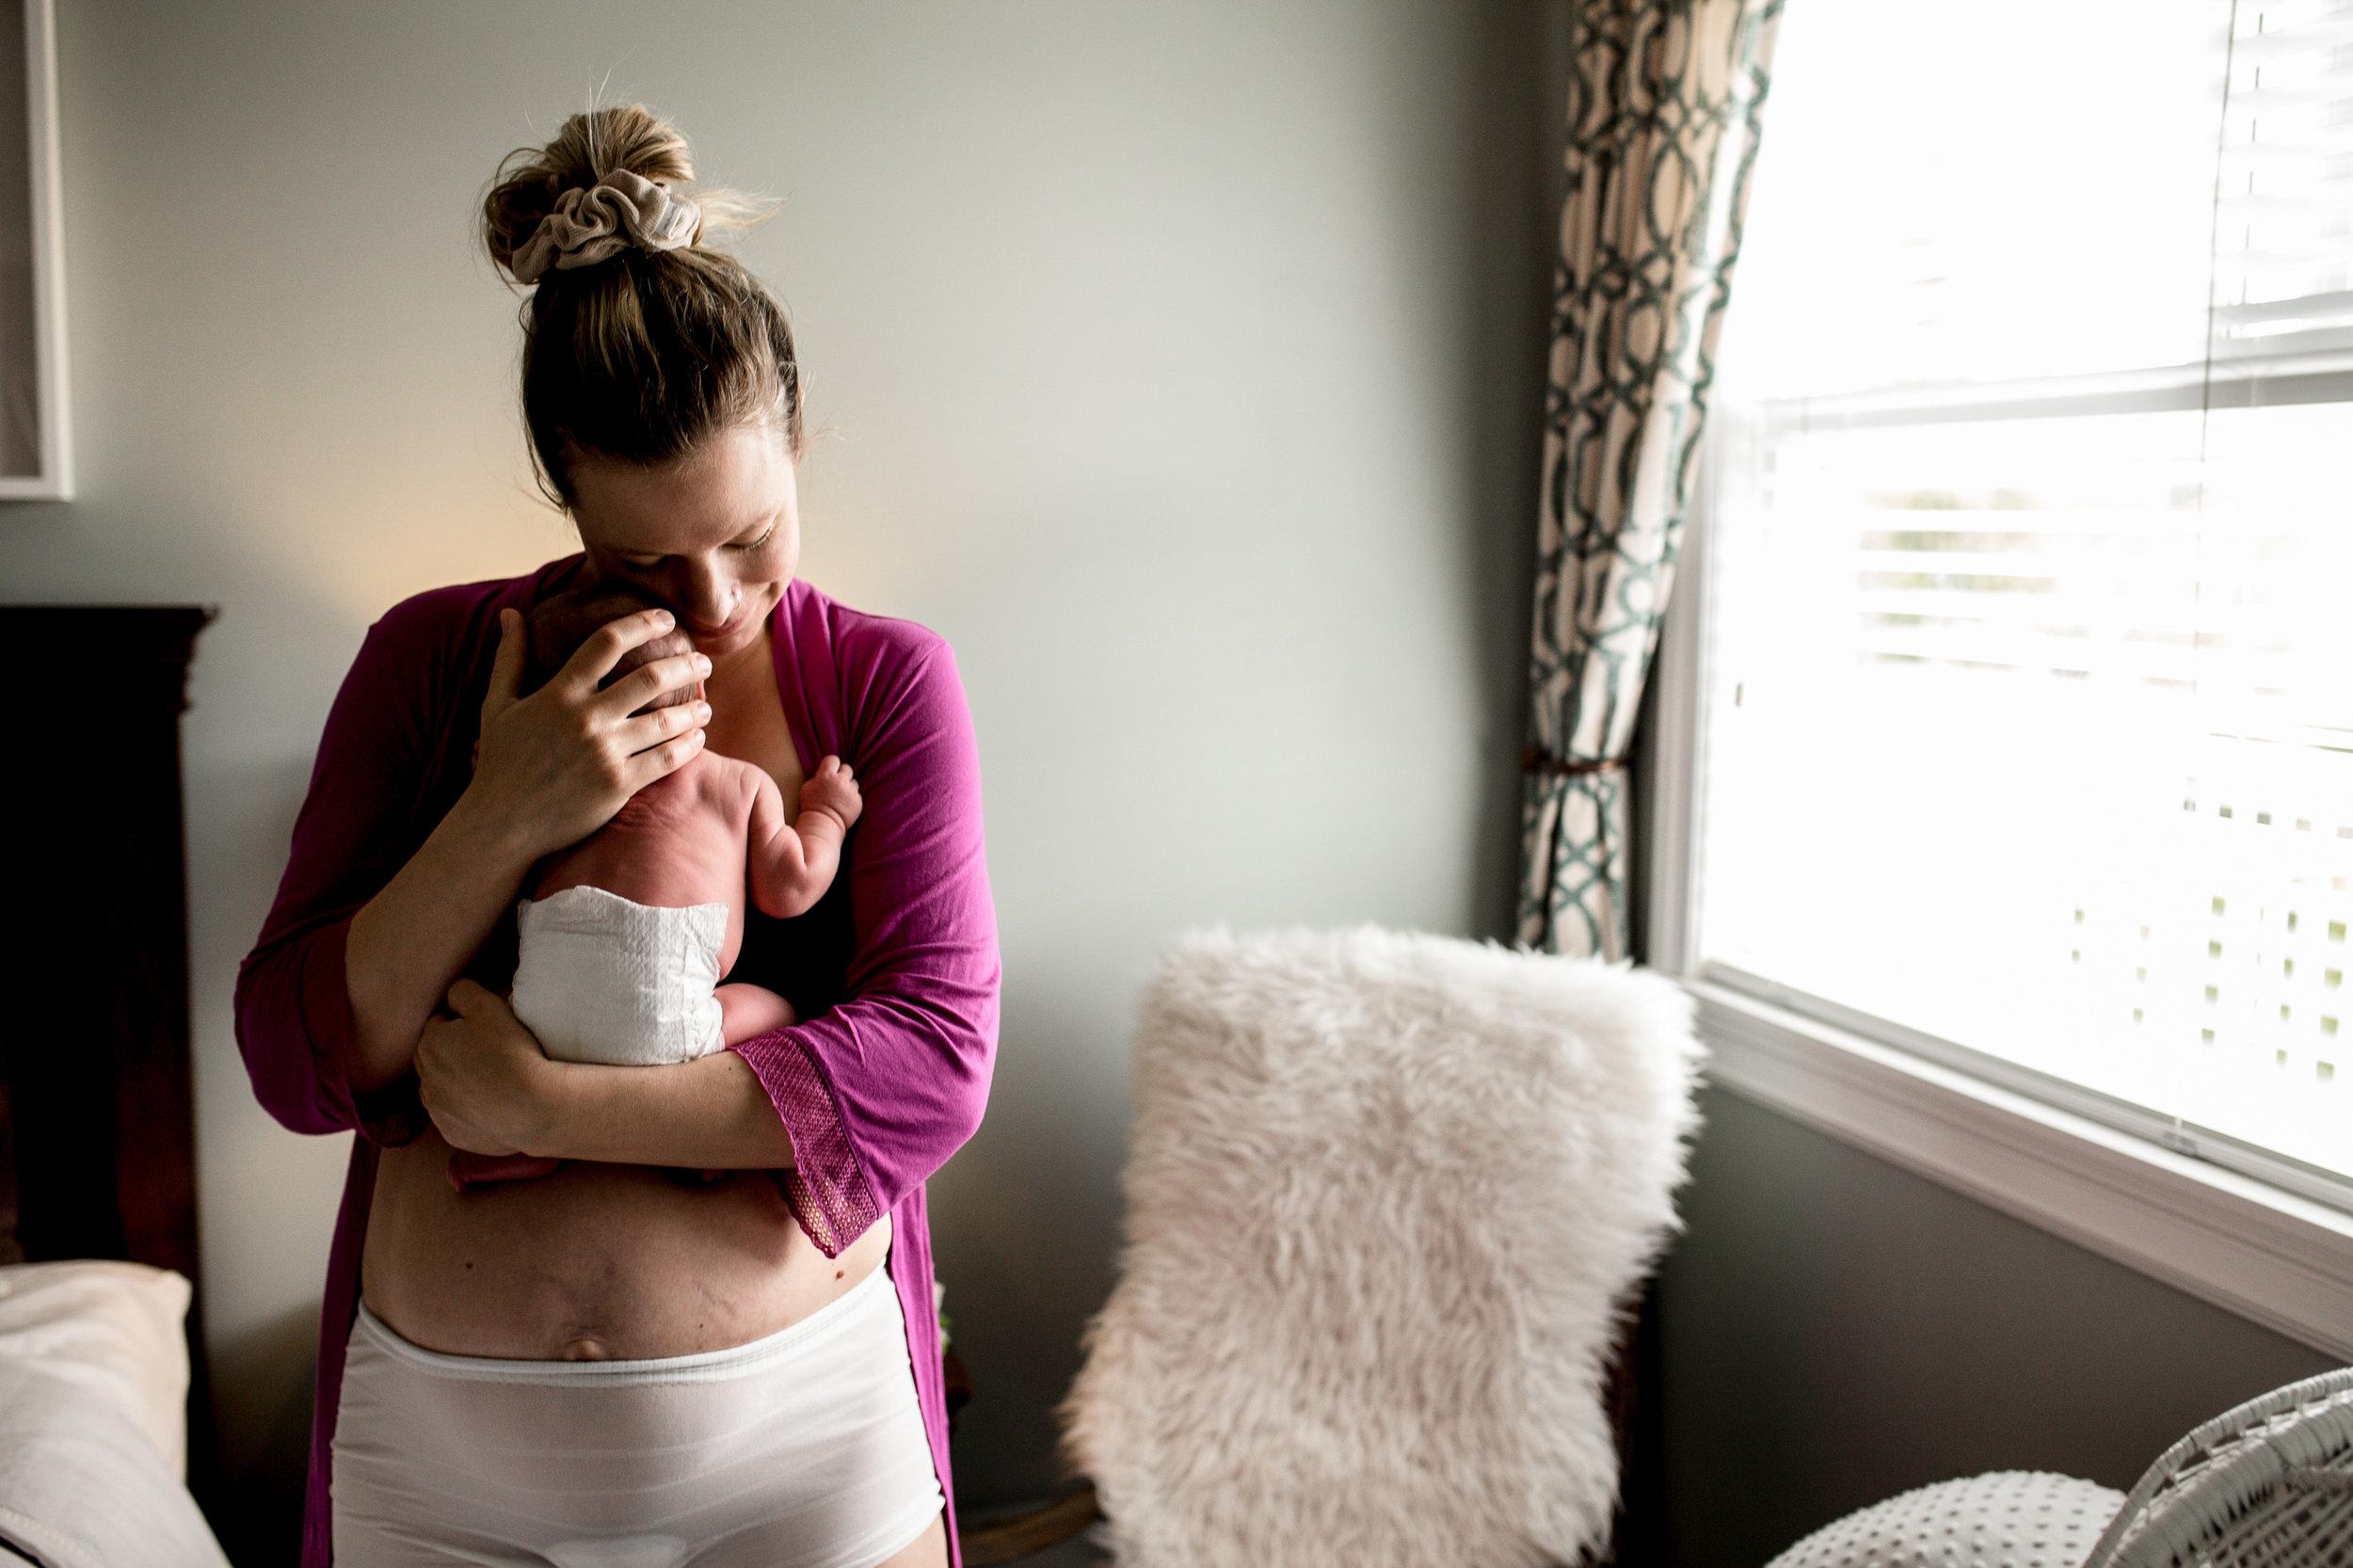 woman-hugging-newborn-baby-standing.jpg